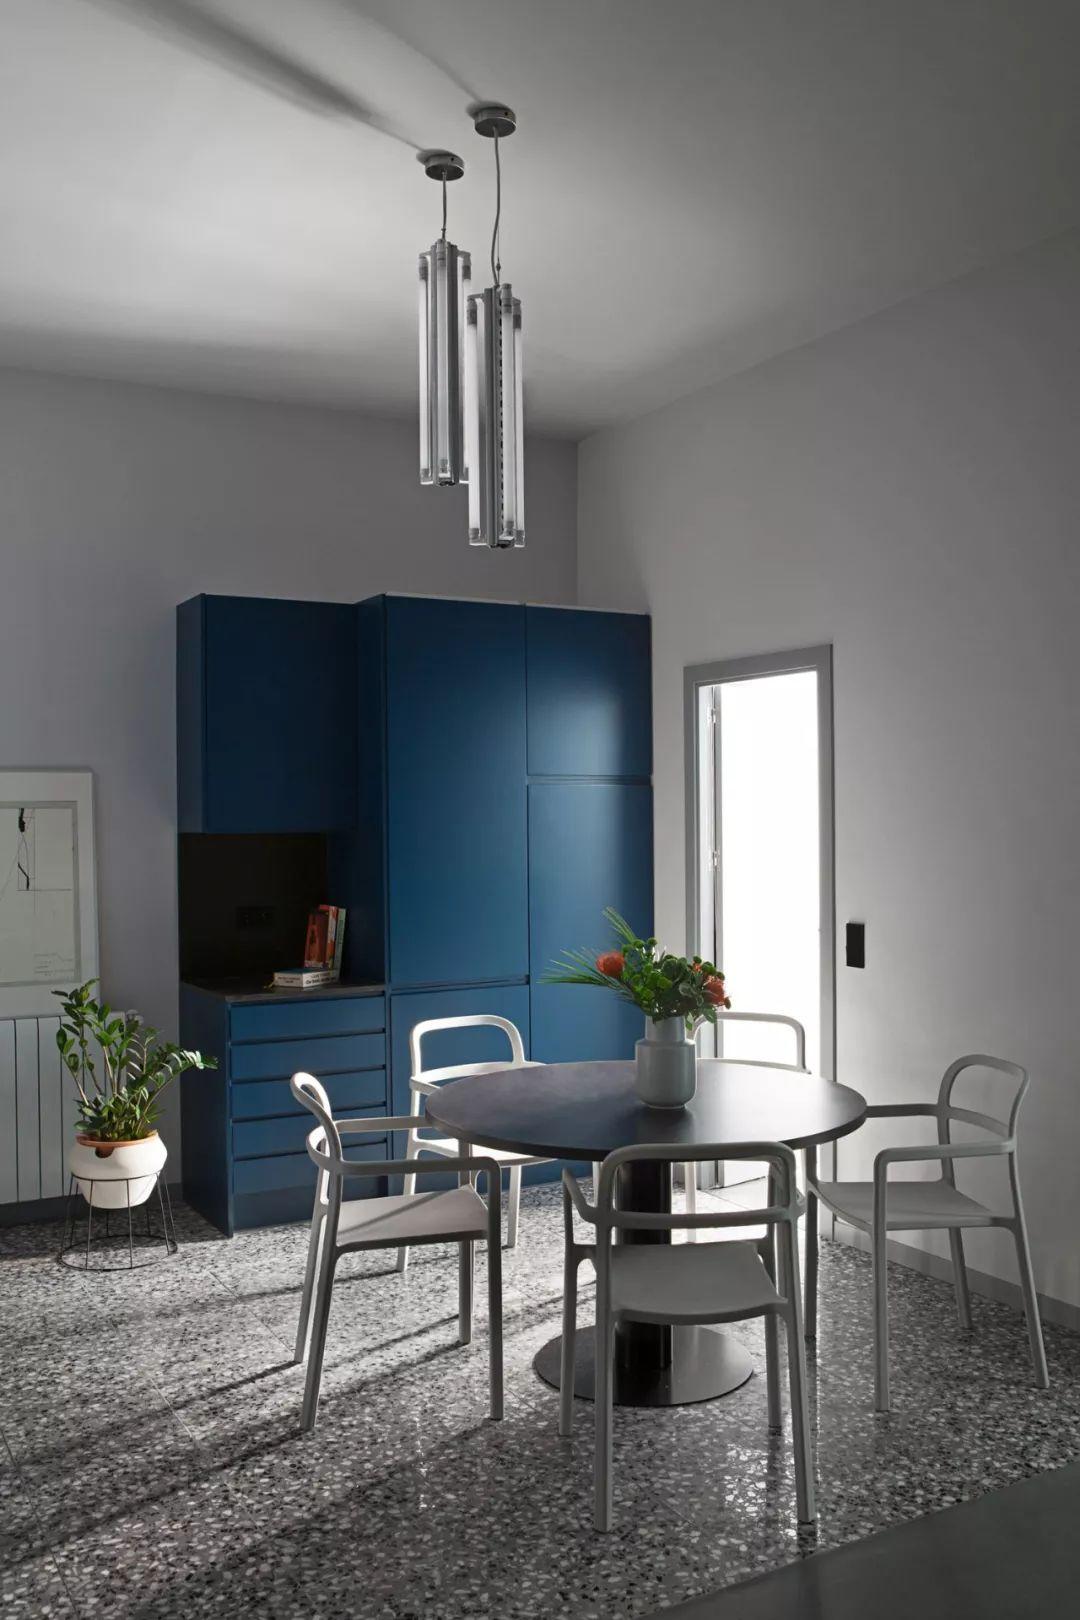 以蓝色为主的开放式厨房 烹饪简单的料理完全没问题 金属台面和挡板耐用又容易清洁。